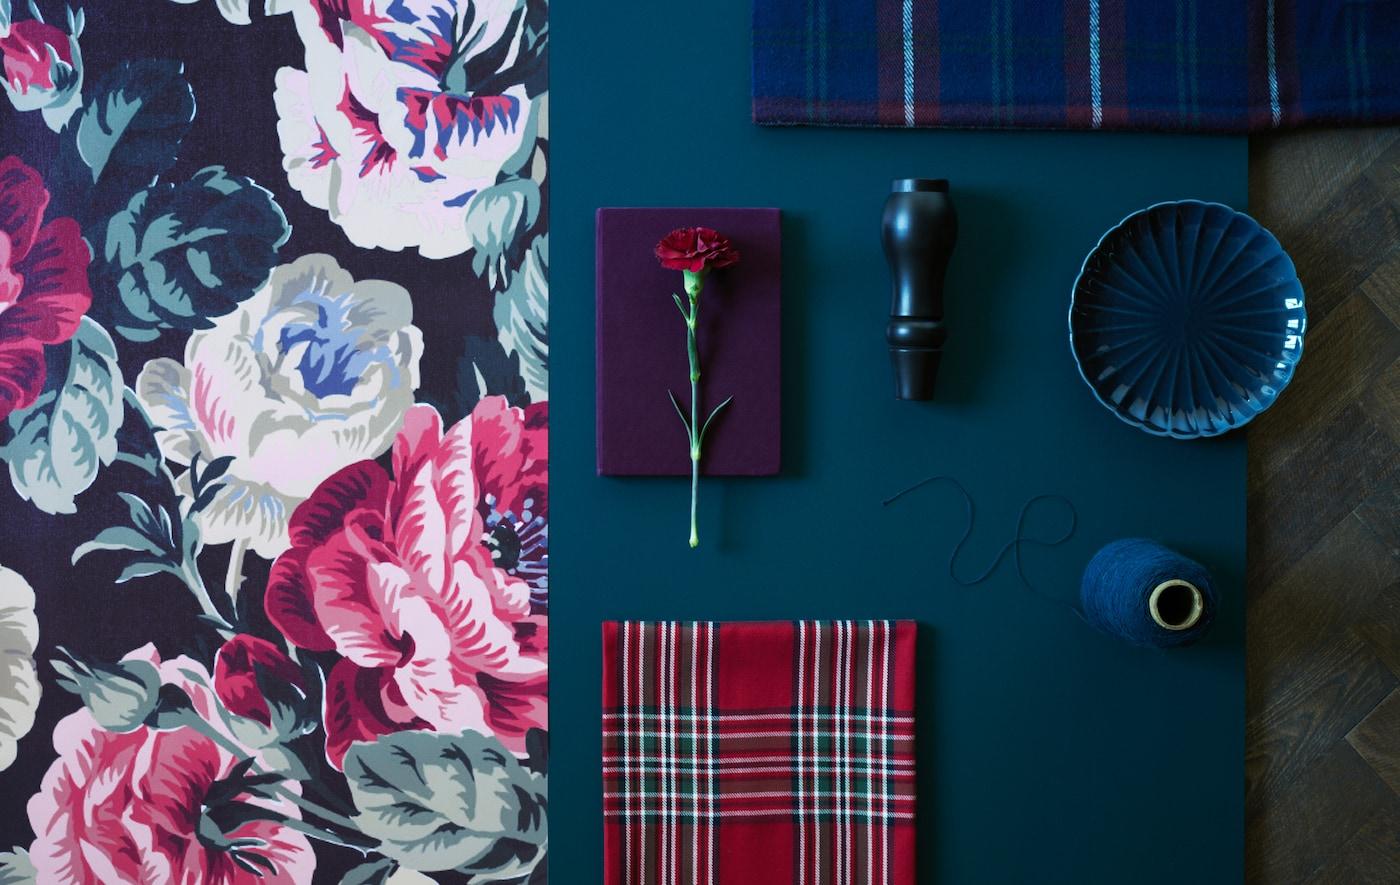 Forny dit hjem med enkle ændringer som f.eks. markante versioner af traditionelle skotskternede og blomstrede tryk.